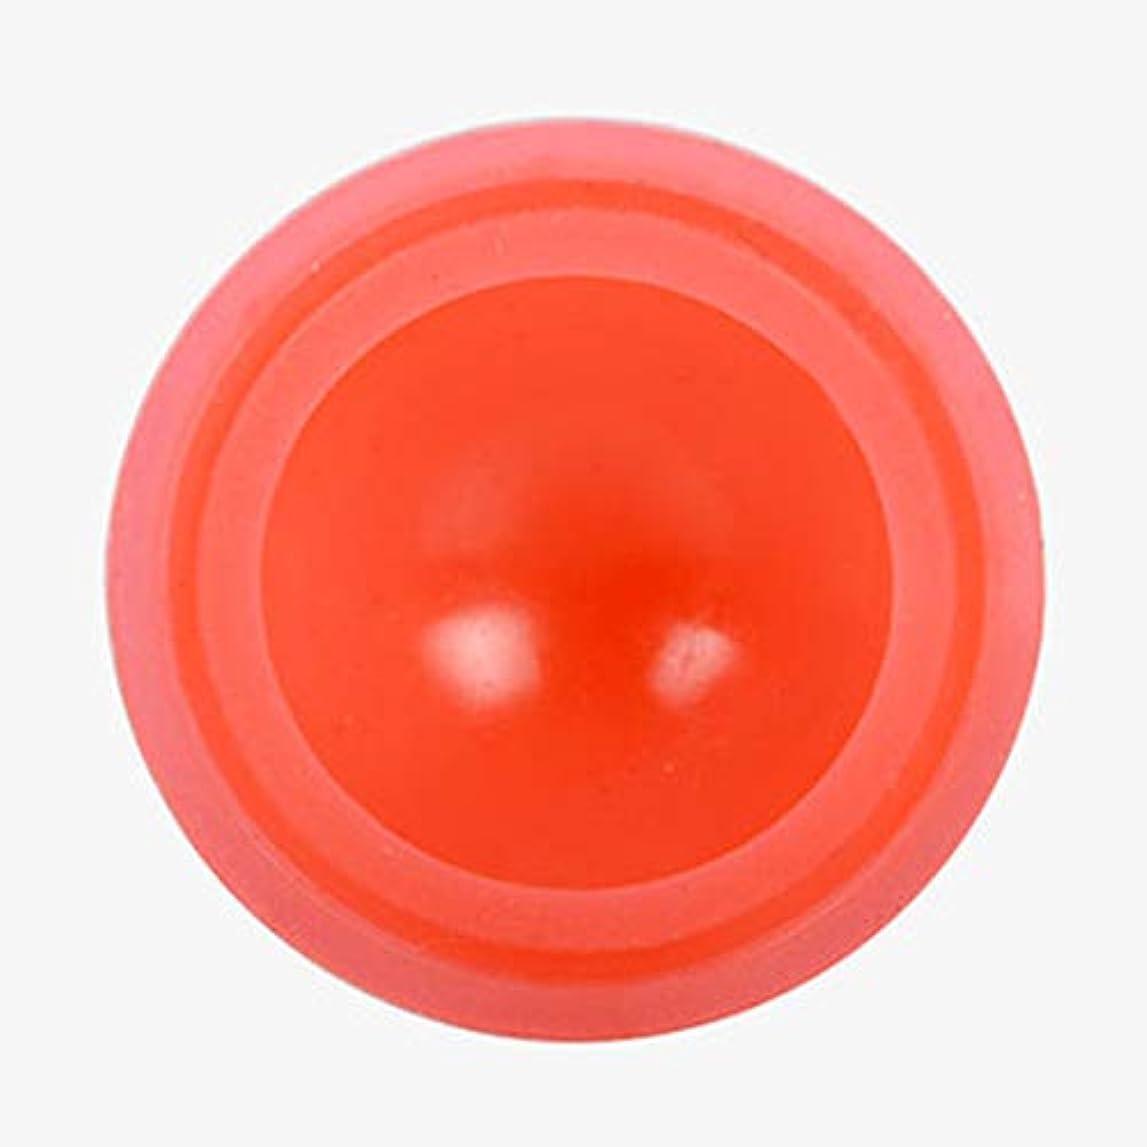 噴水ワックスチャペルマッサージカッピング カッピング シリコンカッピング 吸い玉 真空セラピー 脂肪吸引 康祝 関節と筋肉痛救済 セルライト治療,オレンジ色